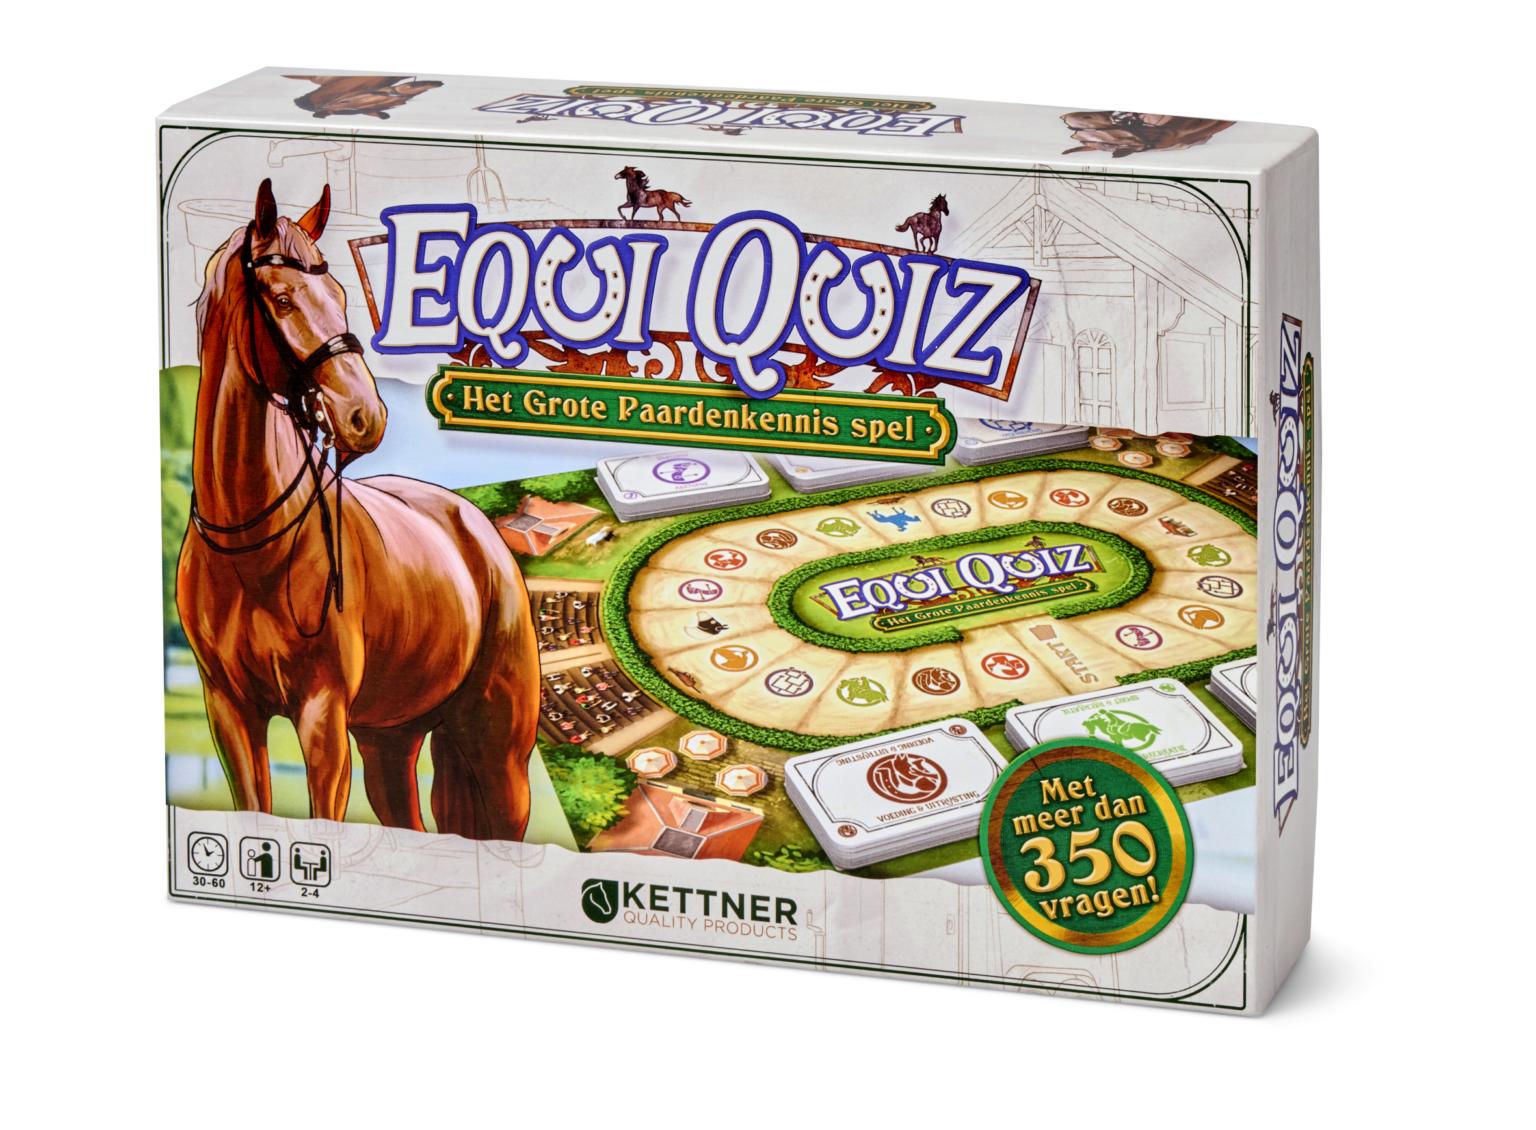 Paardenkennis bordspel